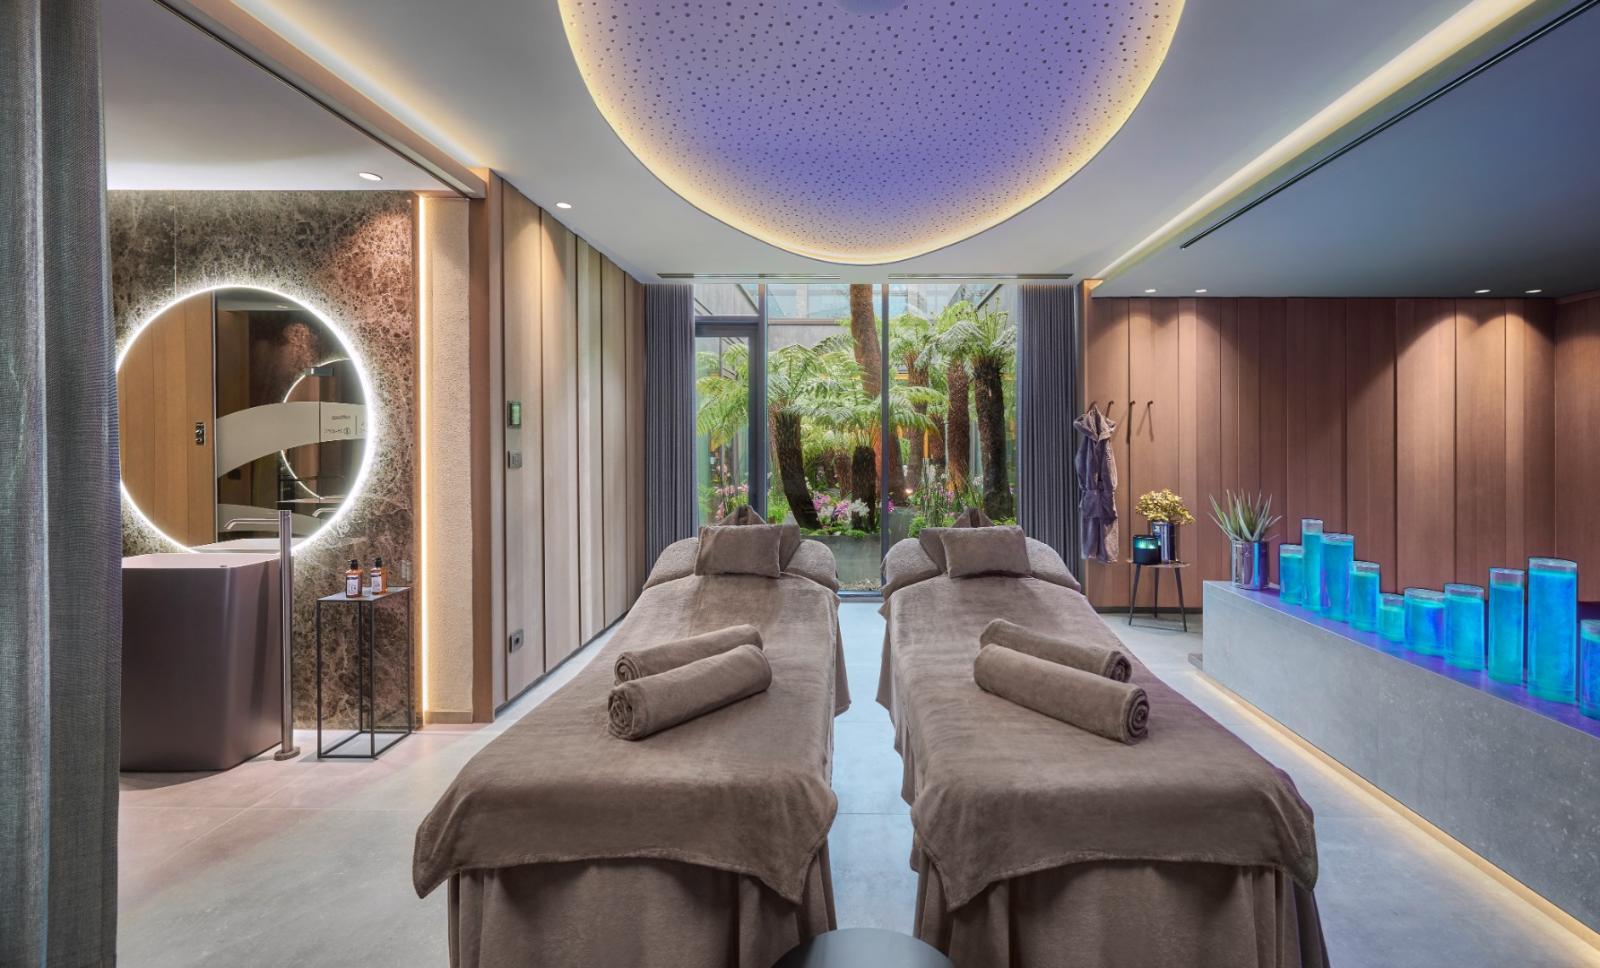 Strukturelle Körpertherapie: Foto vom Wellnesshotel Hotel Quellenhof Luxury Resort Lazise   Wellness Venetien